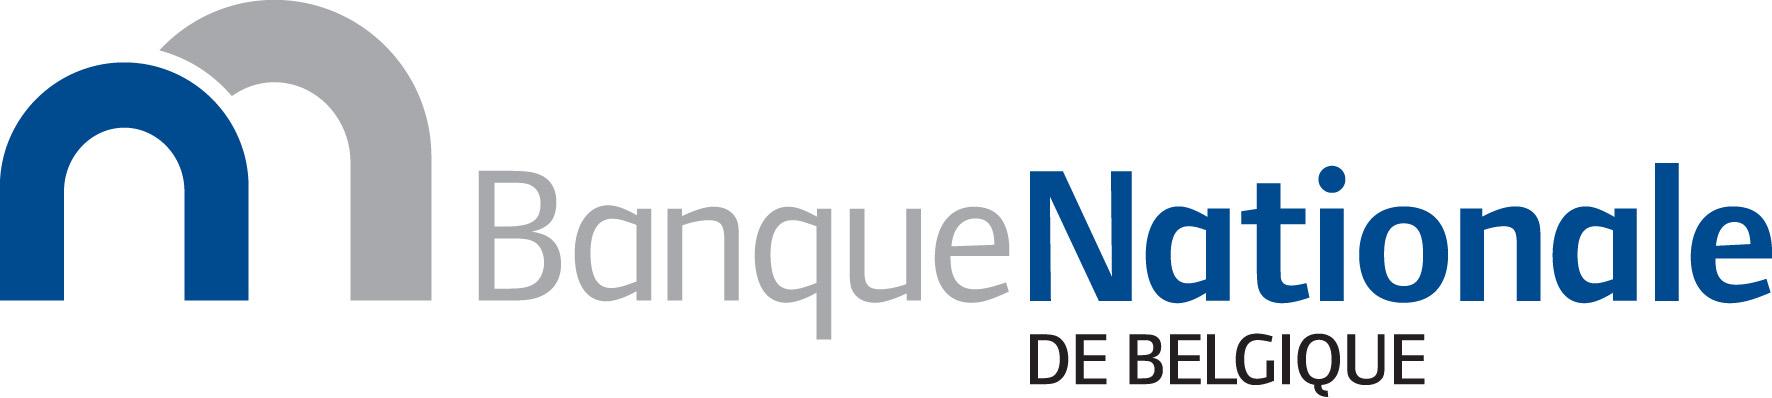 Banque Nationale de Belgique